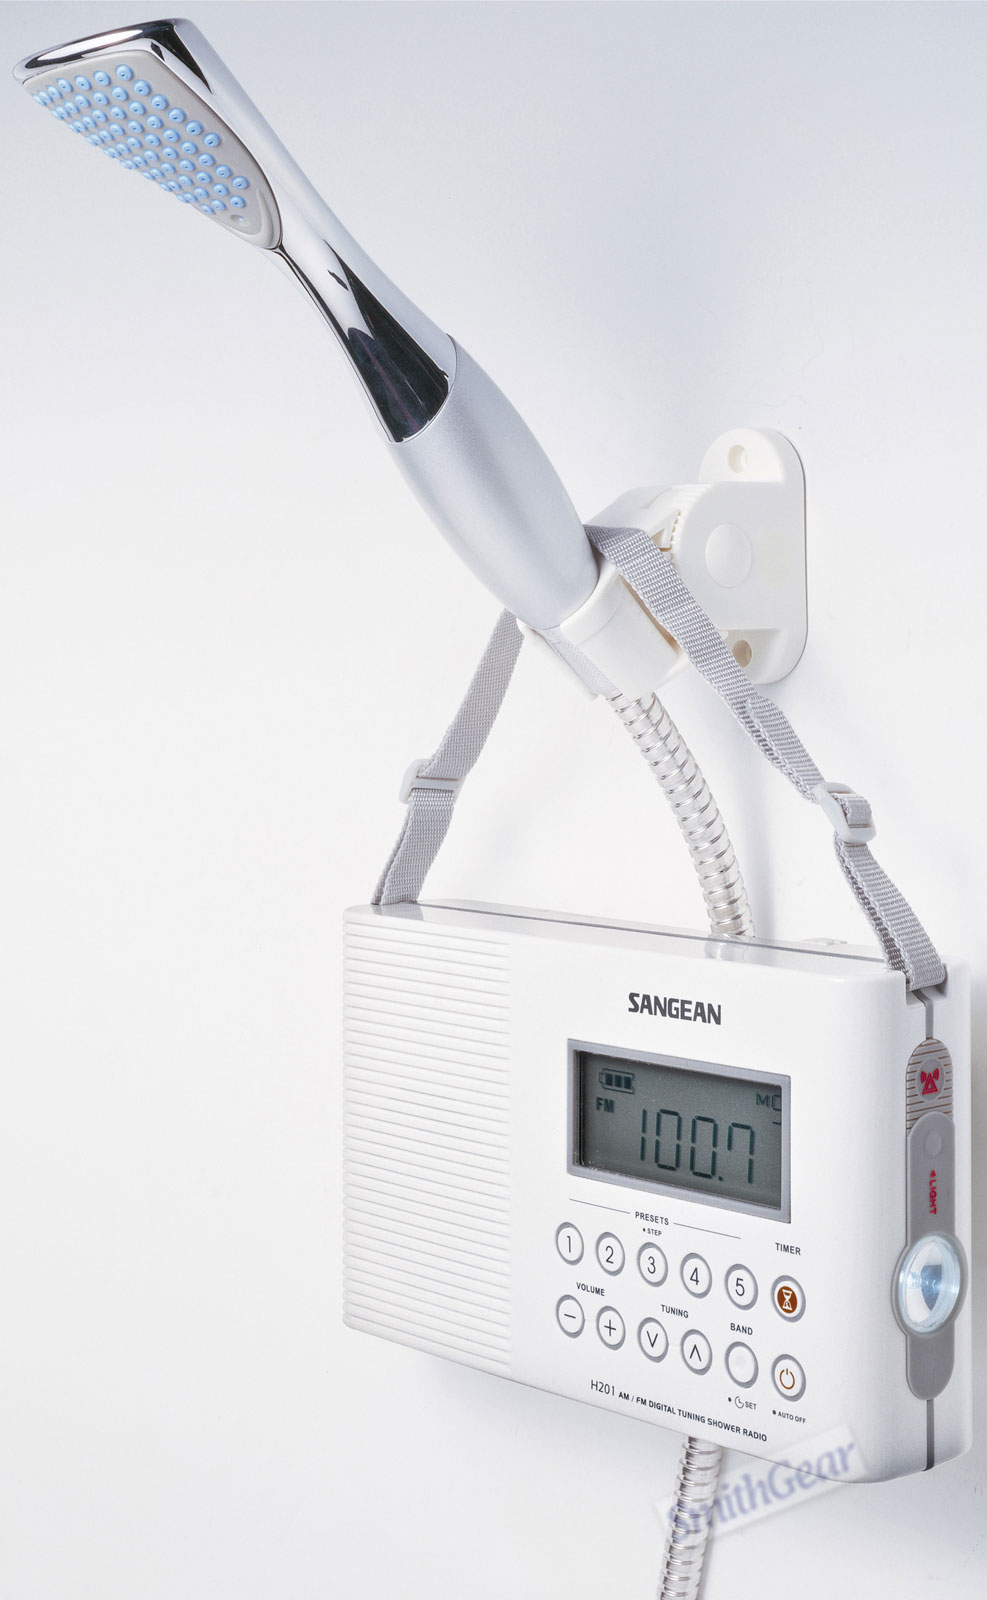 Sangean Shower Radio Bluetooth